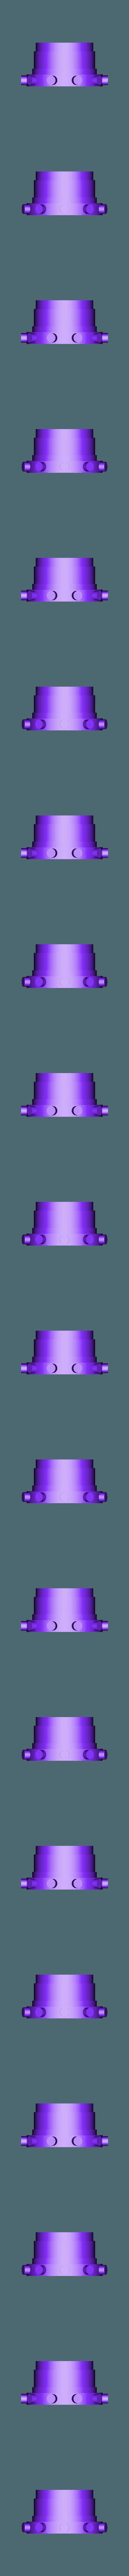 Black - Bracelet - Half.stl Download STL file Final Fantasy VII - Buster Sword - Bracelet - Shoulder pad  • 3D print model, 3Dutchie